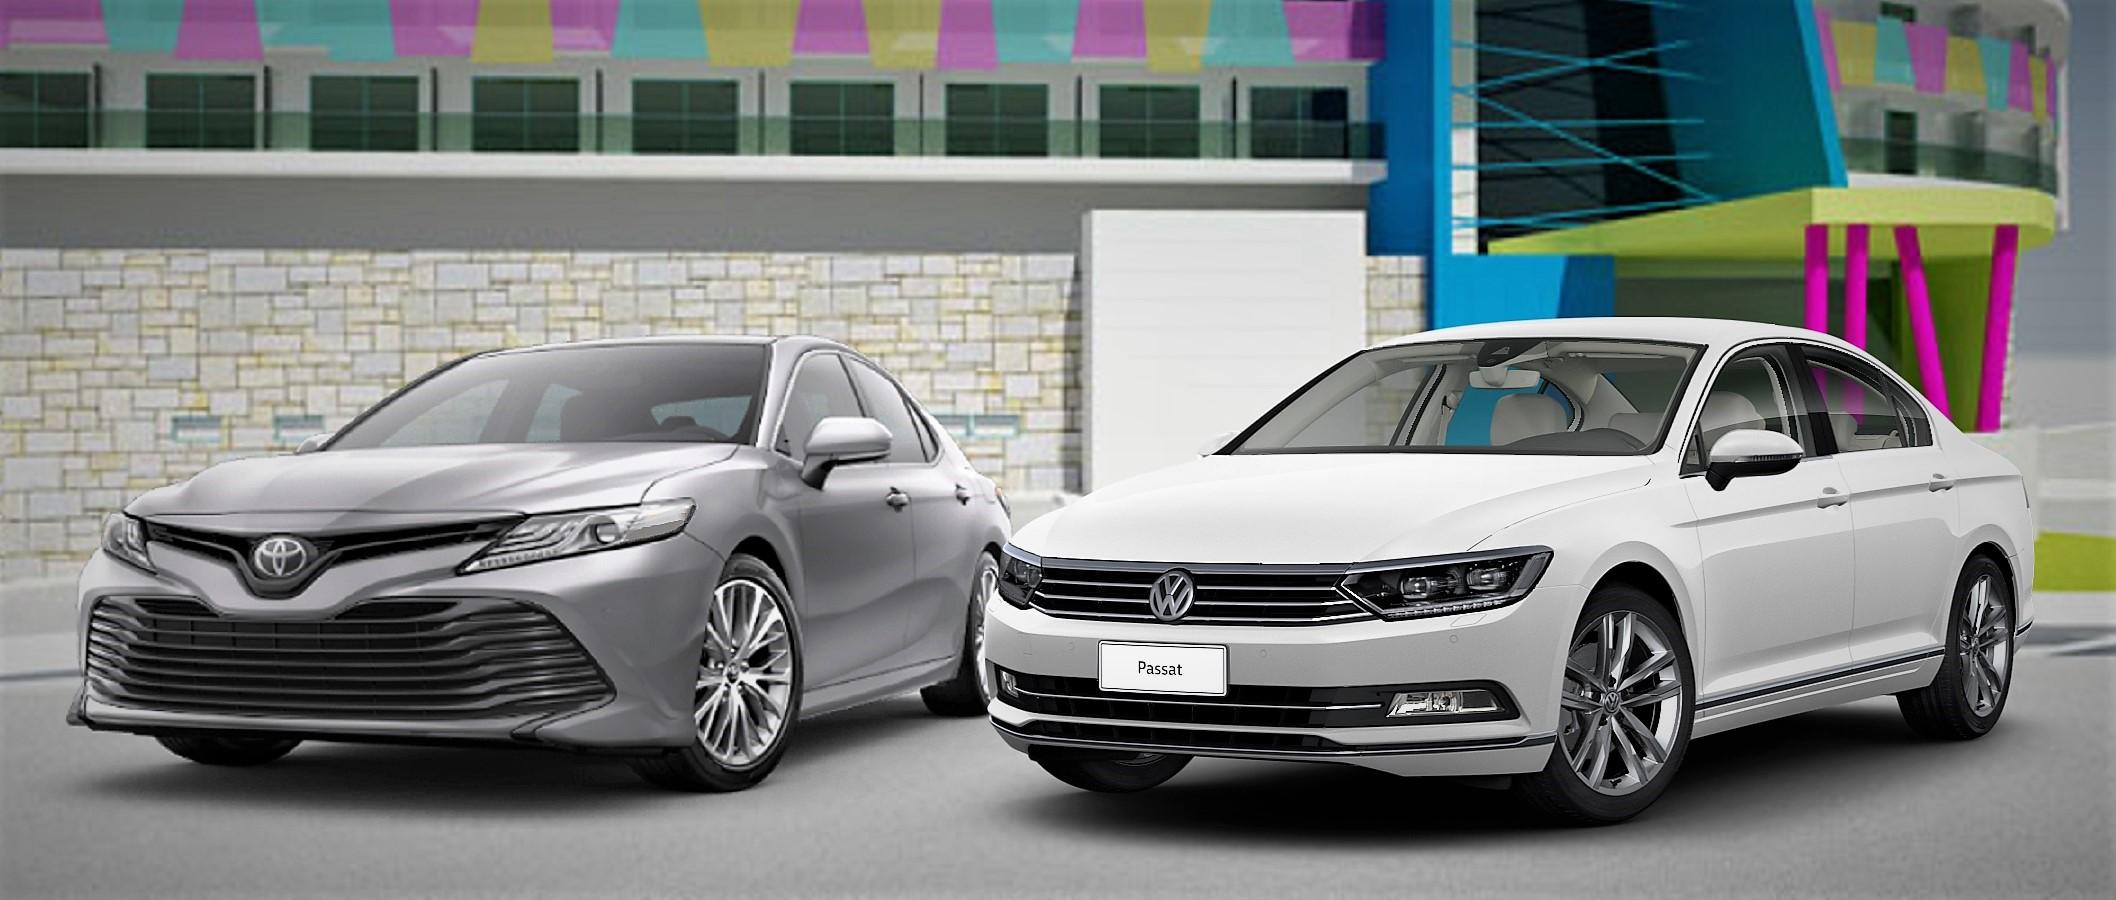 Volkswagen Passat enfrenta Toyota Camry: saiba qual é o melhor sedã executivo